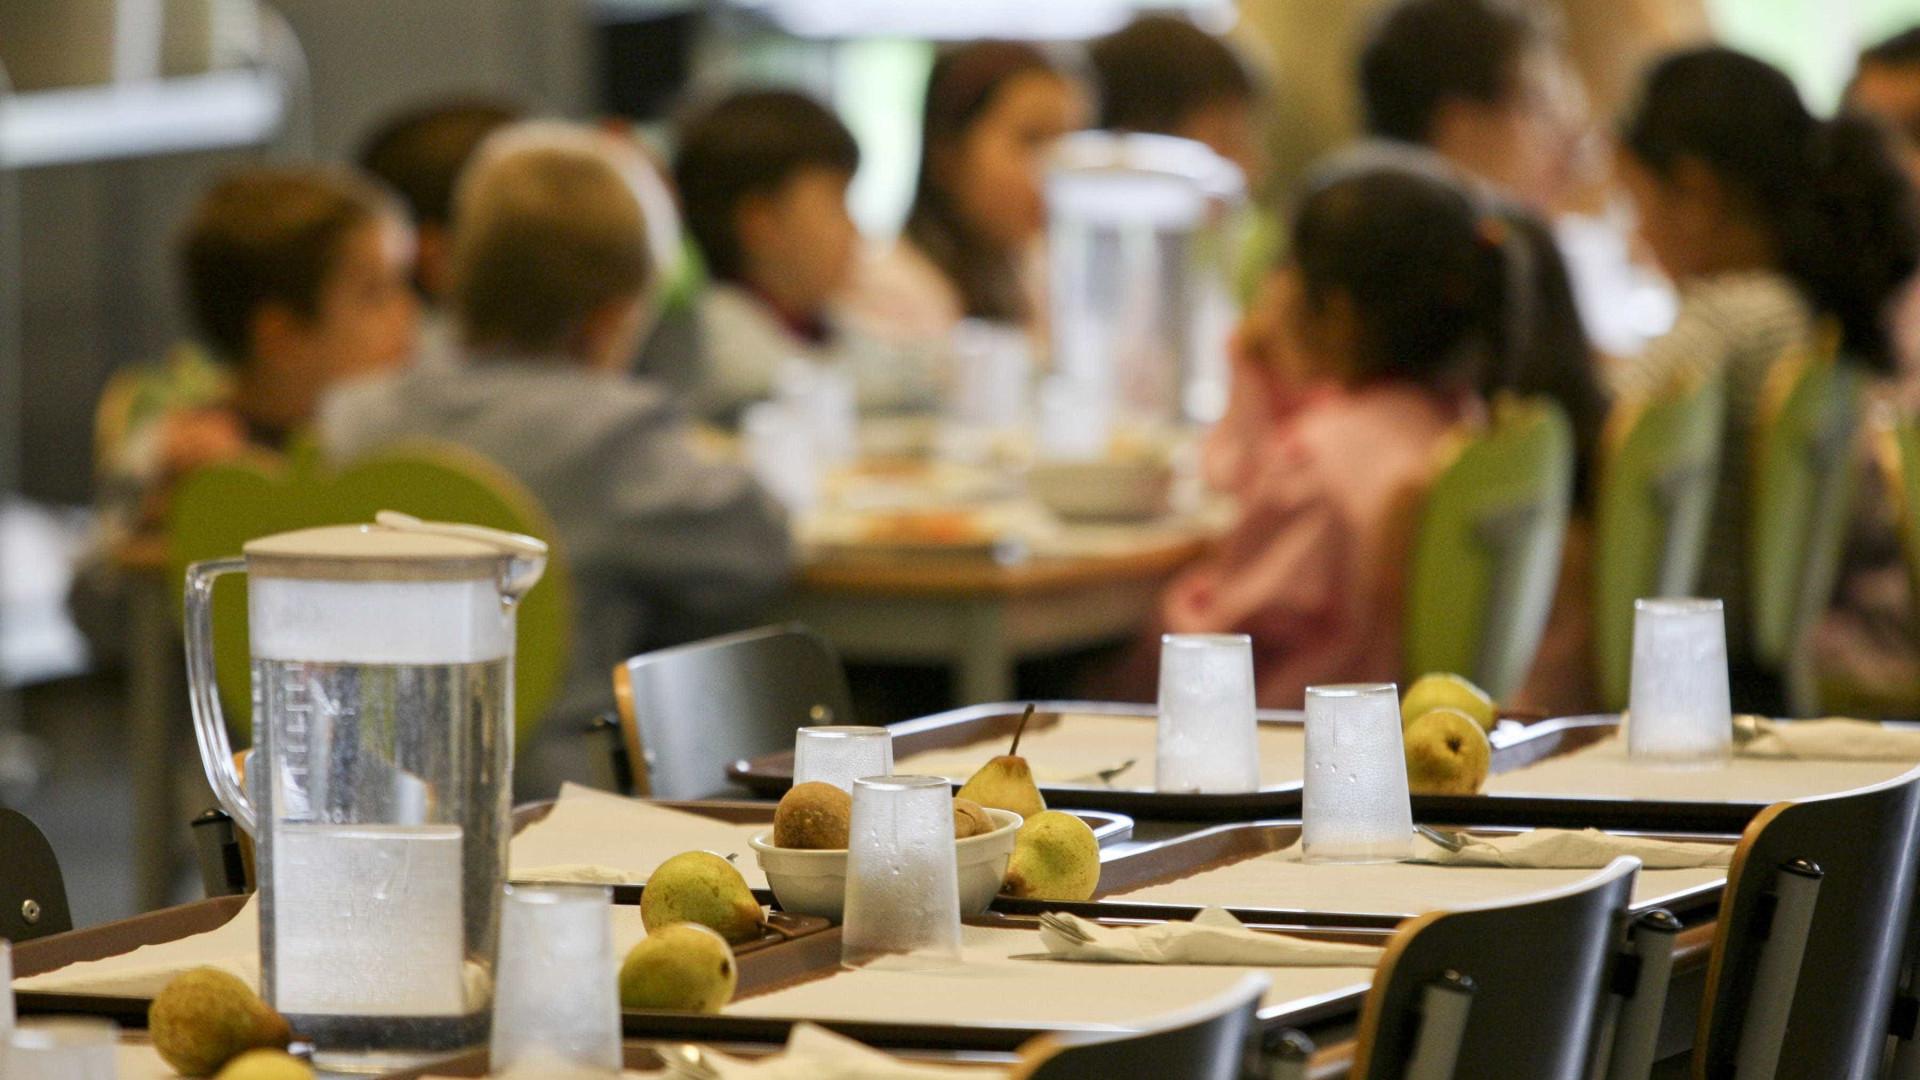 Câmara sanciona fornecedor de refeição escolar mal confecionada